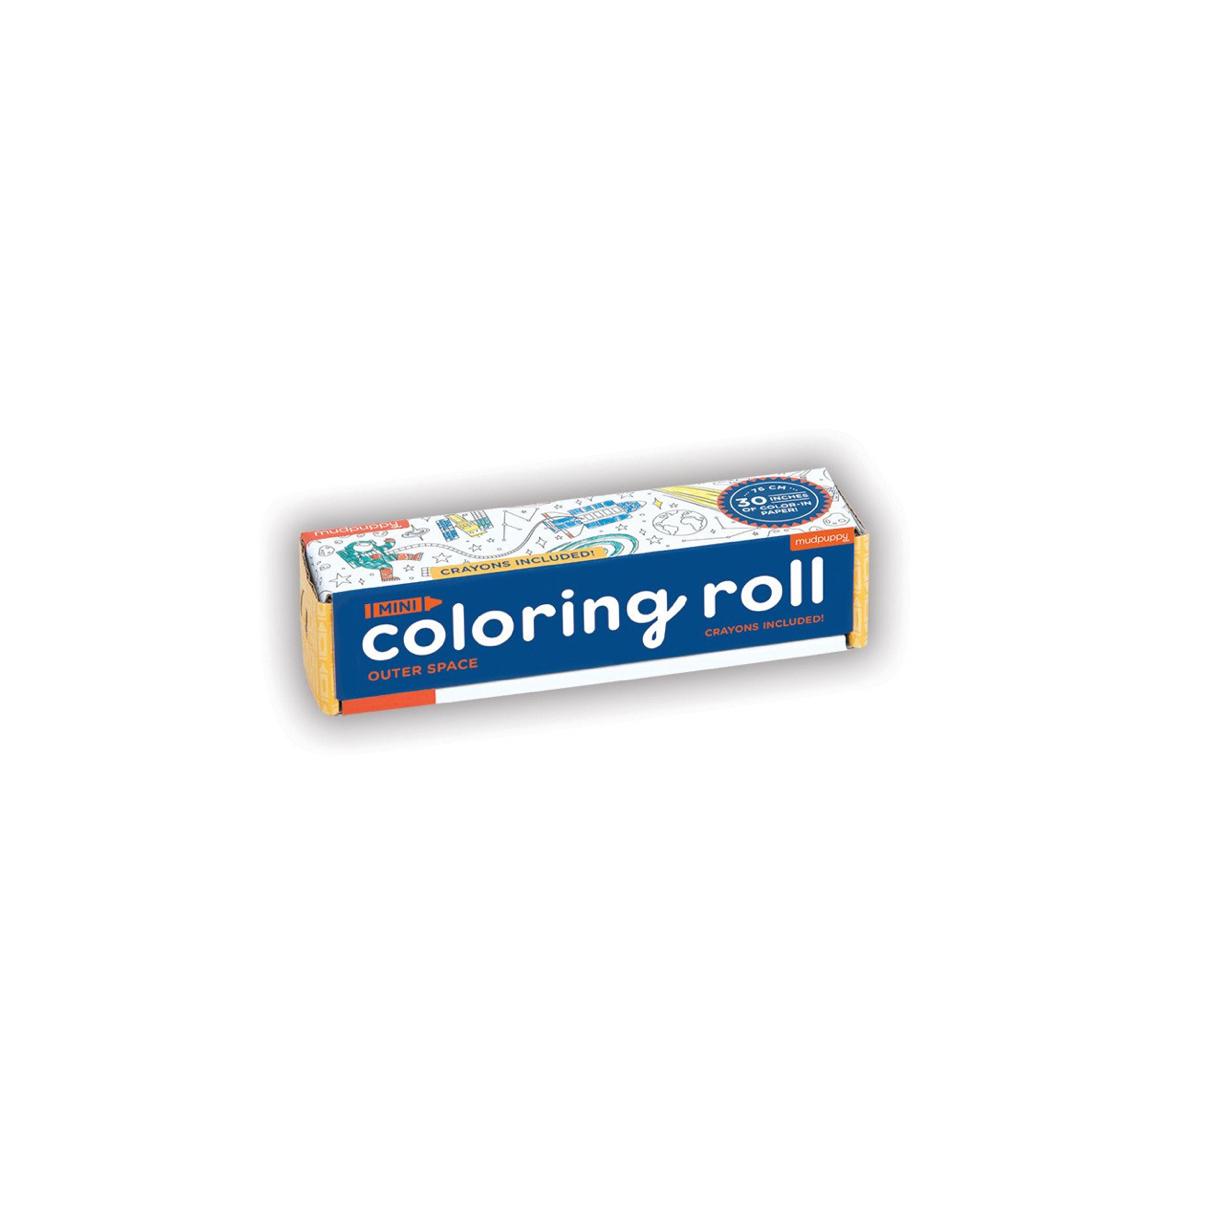 coloring-roll-mini-outer-space-de-mudpuppy-en-el-mundo-de-mico2